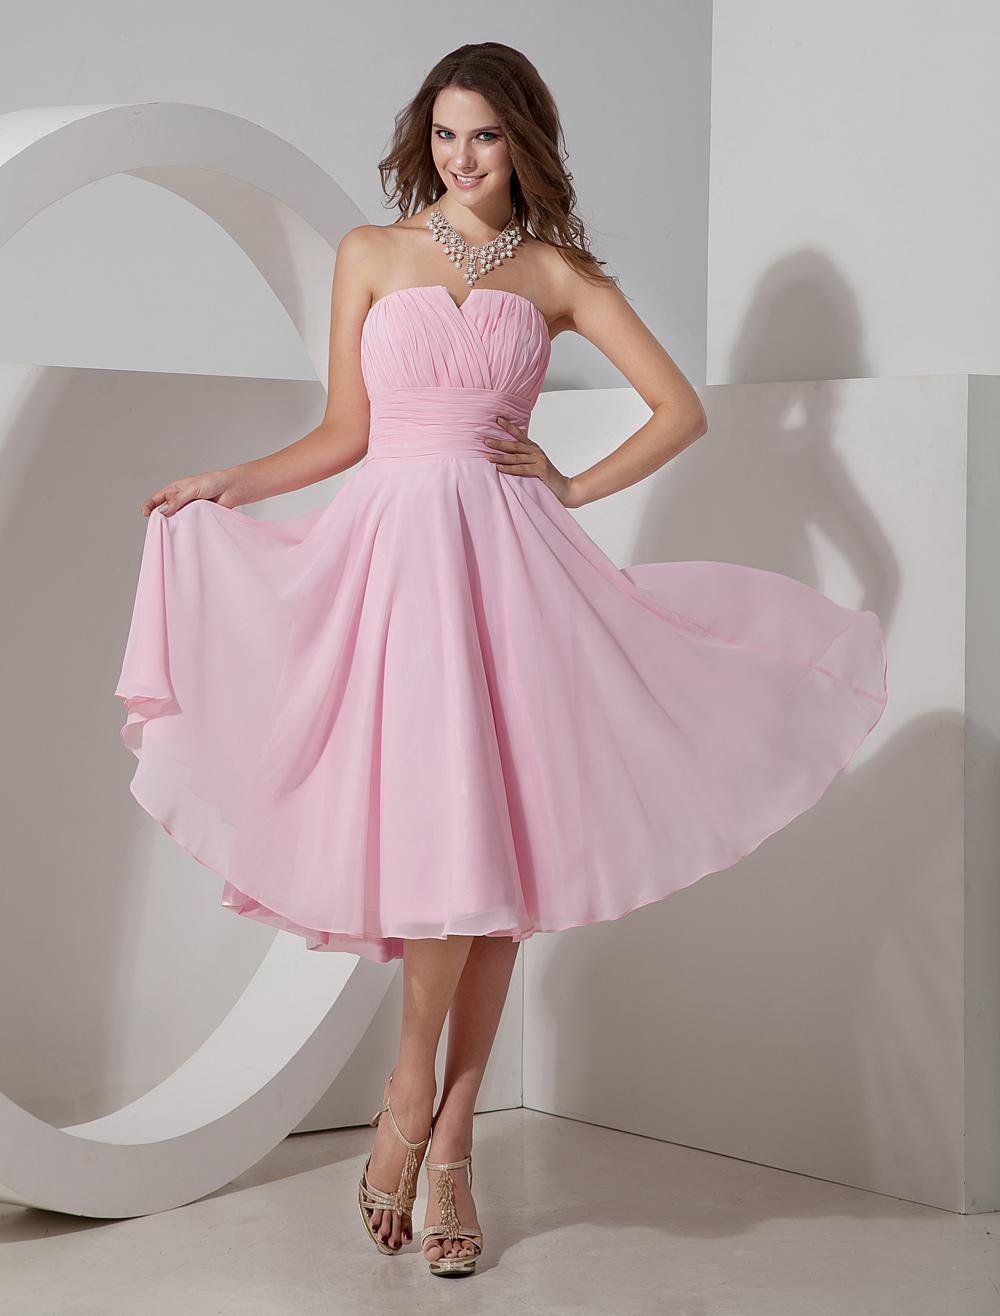 direccion+de+tiendas+milano+en+barcelona - Moda Mujer Moda Hombre ...